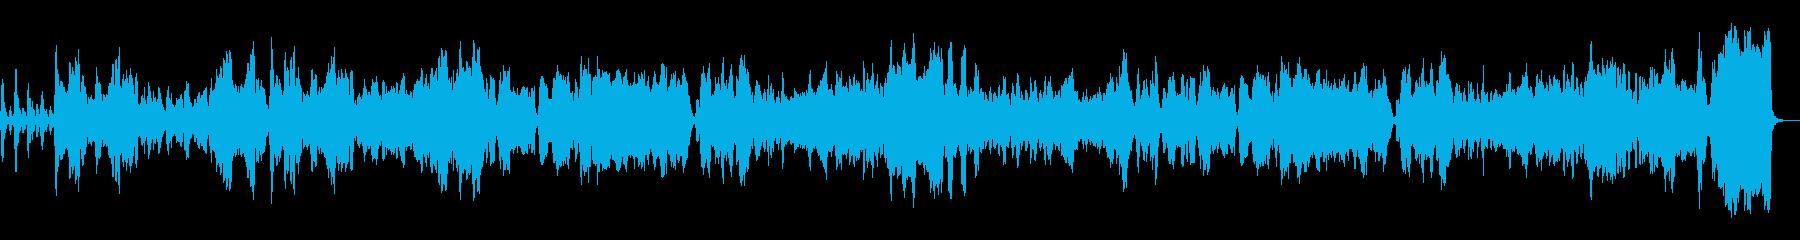 オーボエによるぼのぼのとしたワルツの再生済みの波形